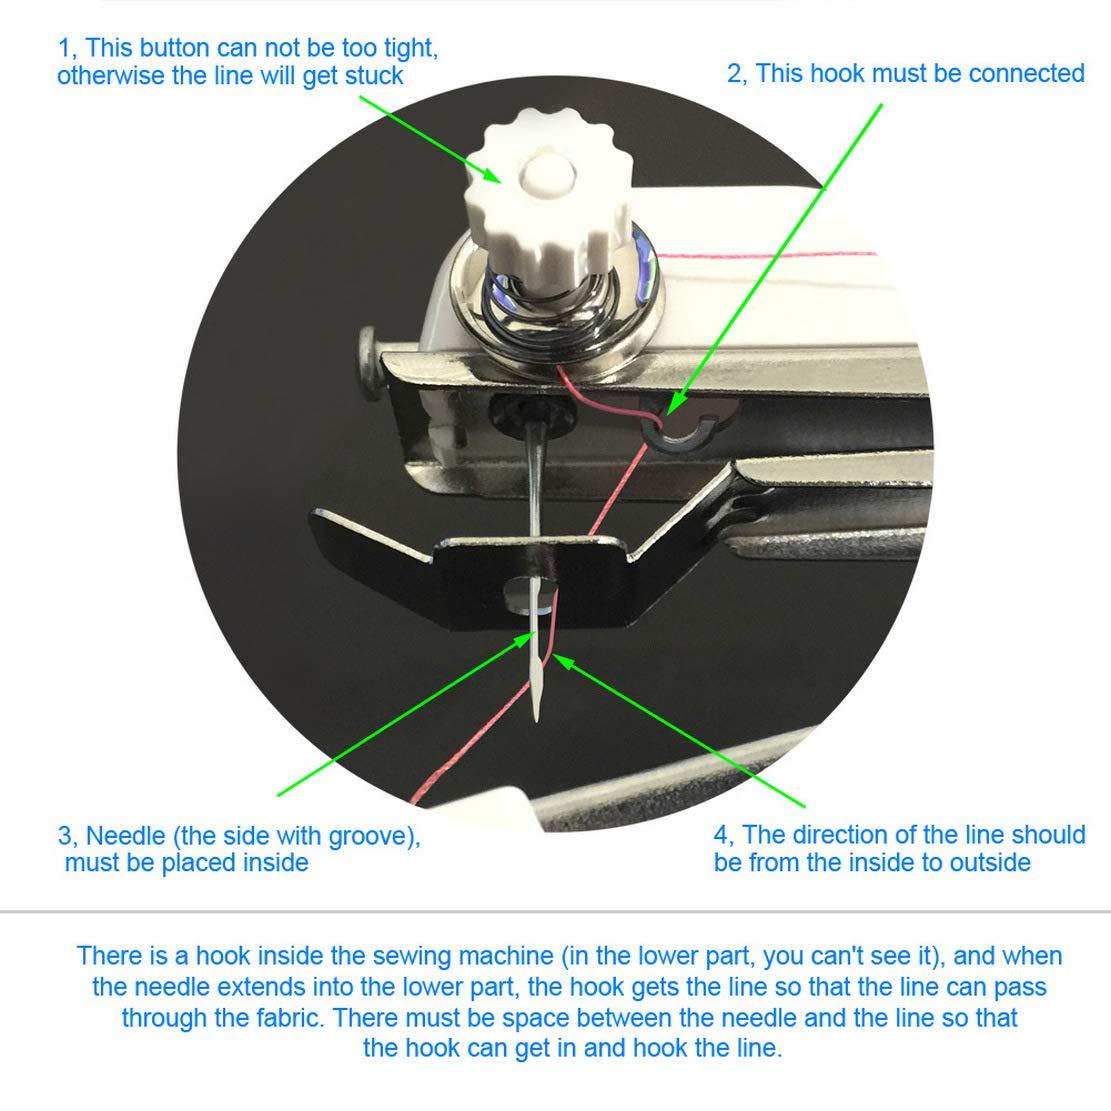 Aoweika Mini Máquina de Coser Portátil Manual Herramienta de Puntada Rápida con Carretes de Hilos, Tijera, Imperdibles y Cinta Métrica para Tela, Ropa o Tela de Niños: Amazon.es: Hogar